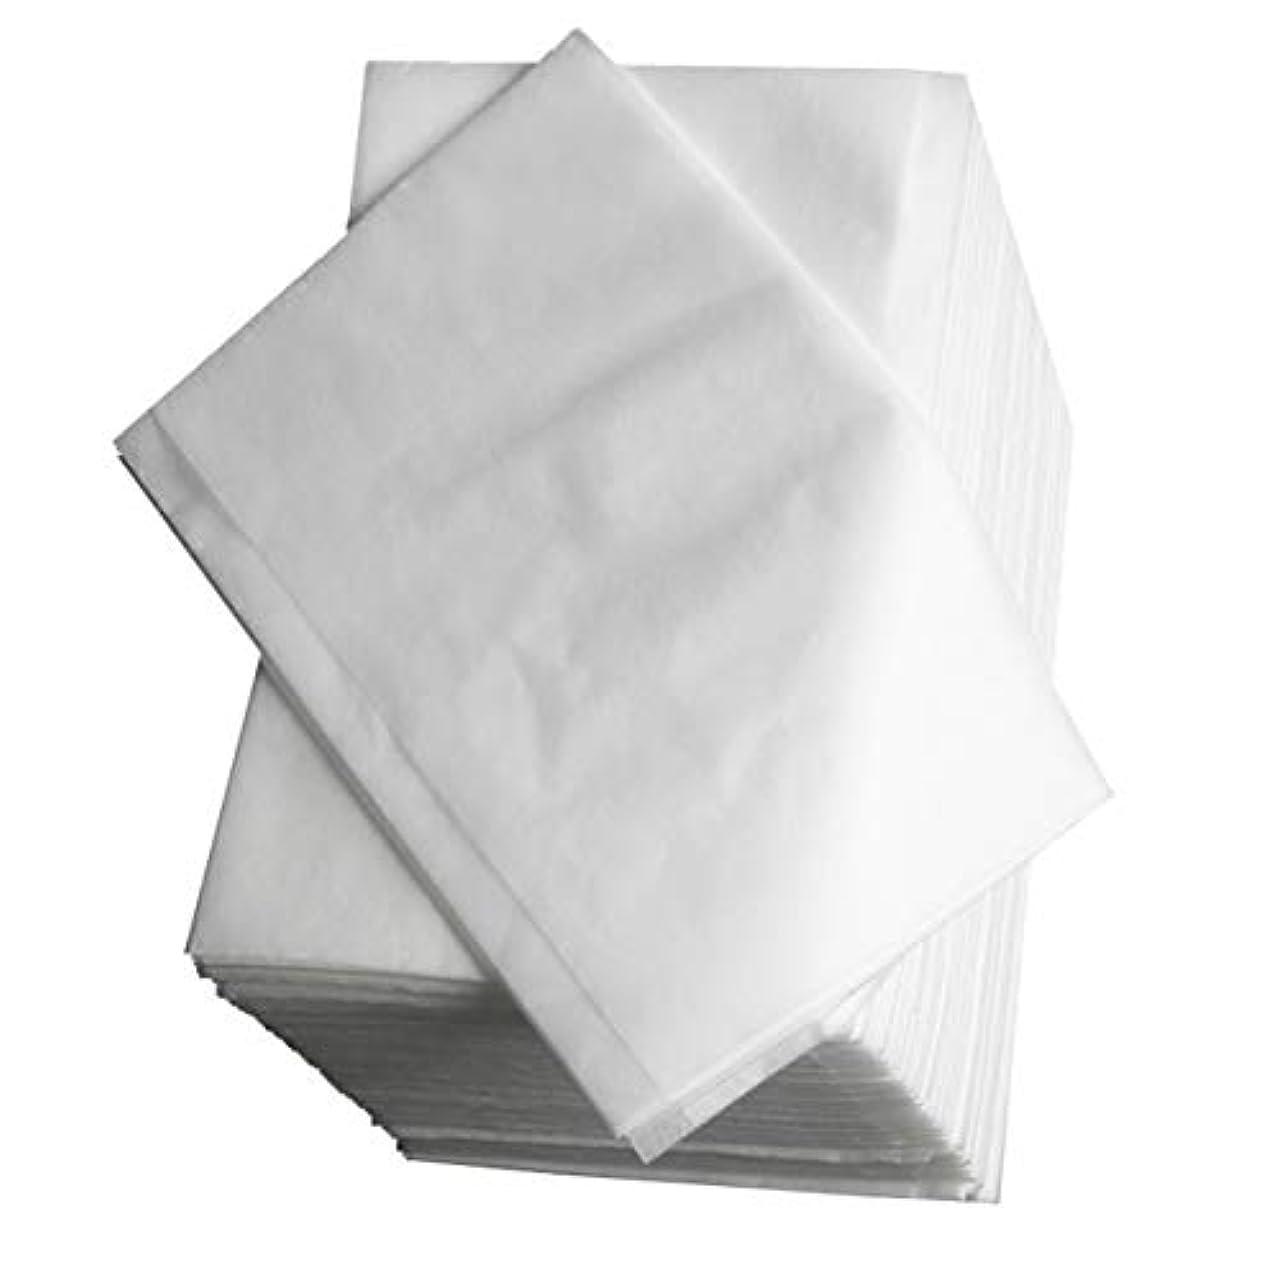 ピア機械的余裕があるDisposable Bed Linen Beauty Salon Massage Travel Medical Non-woven Mattress Breathable Antibacterial Anti-infective